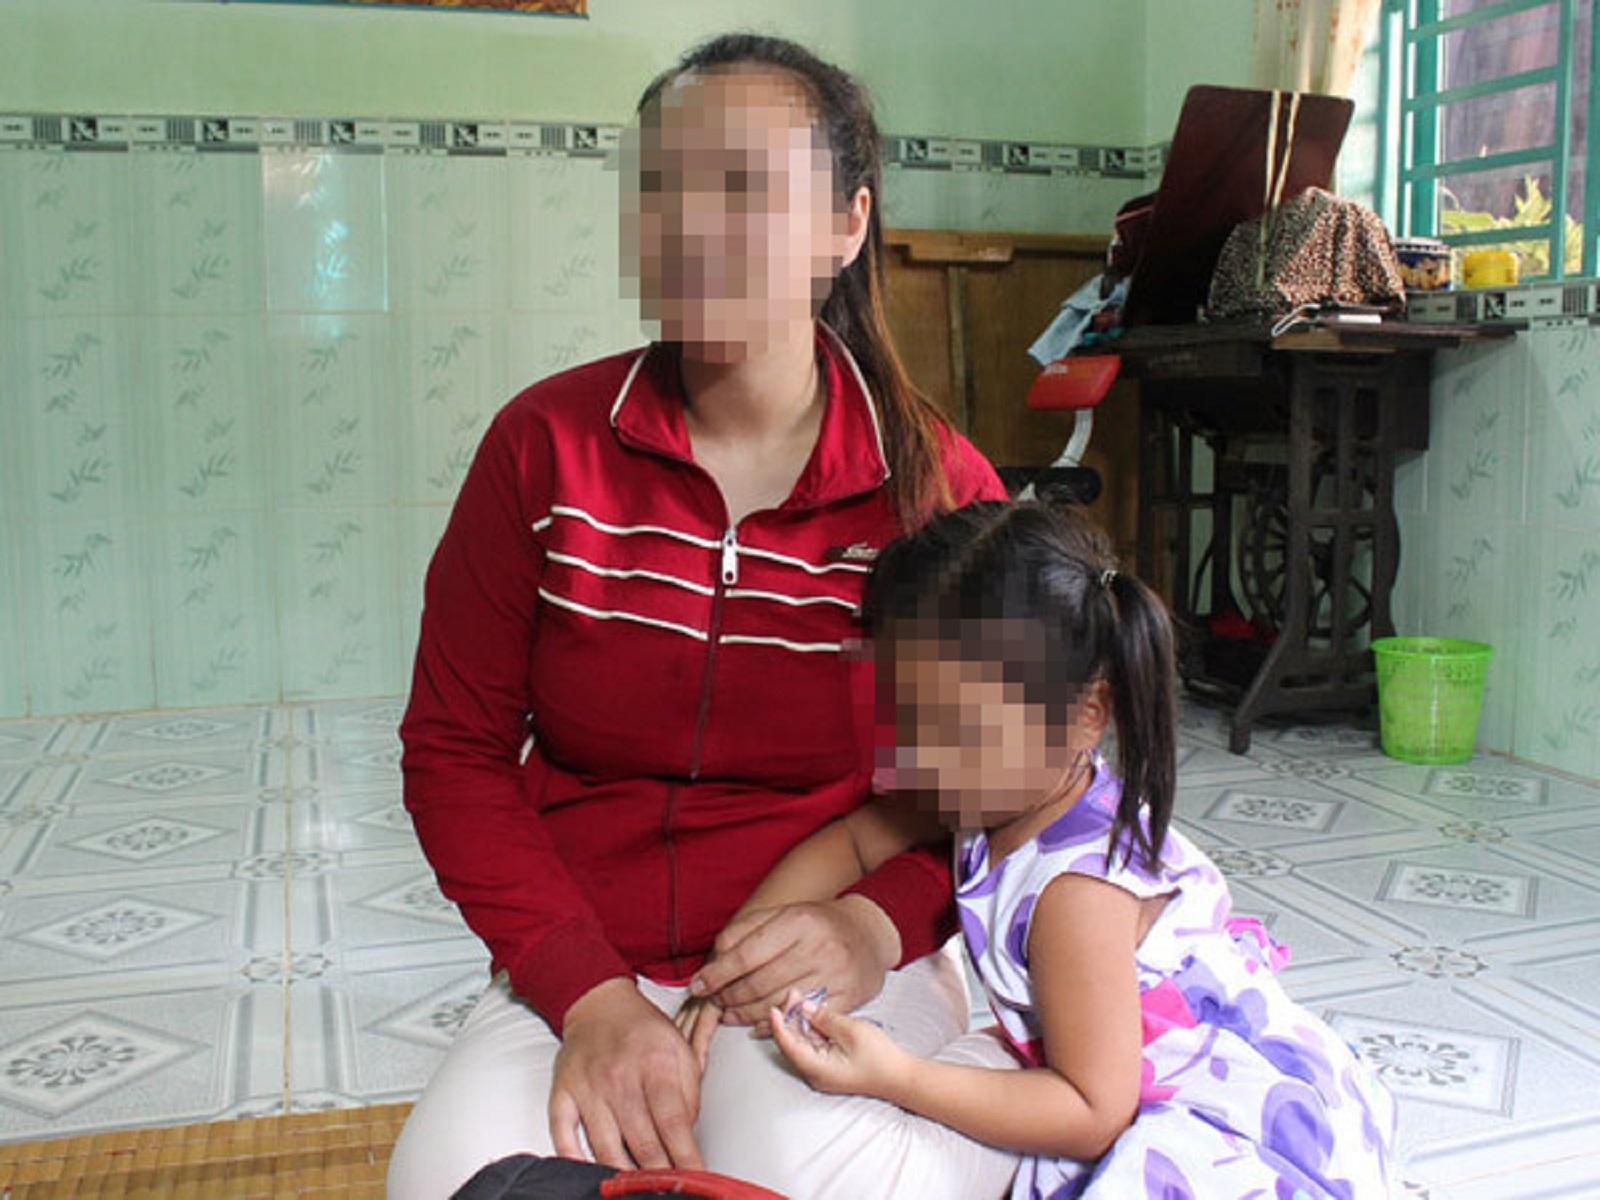 7 phụ nữ ở Gia Lai bị lừa đưa sang Trung Quốc